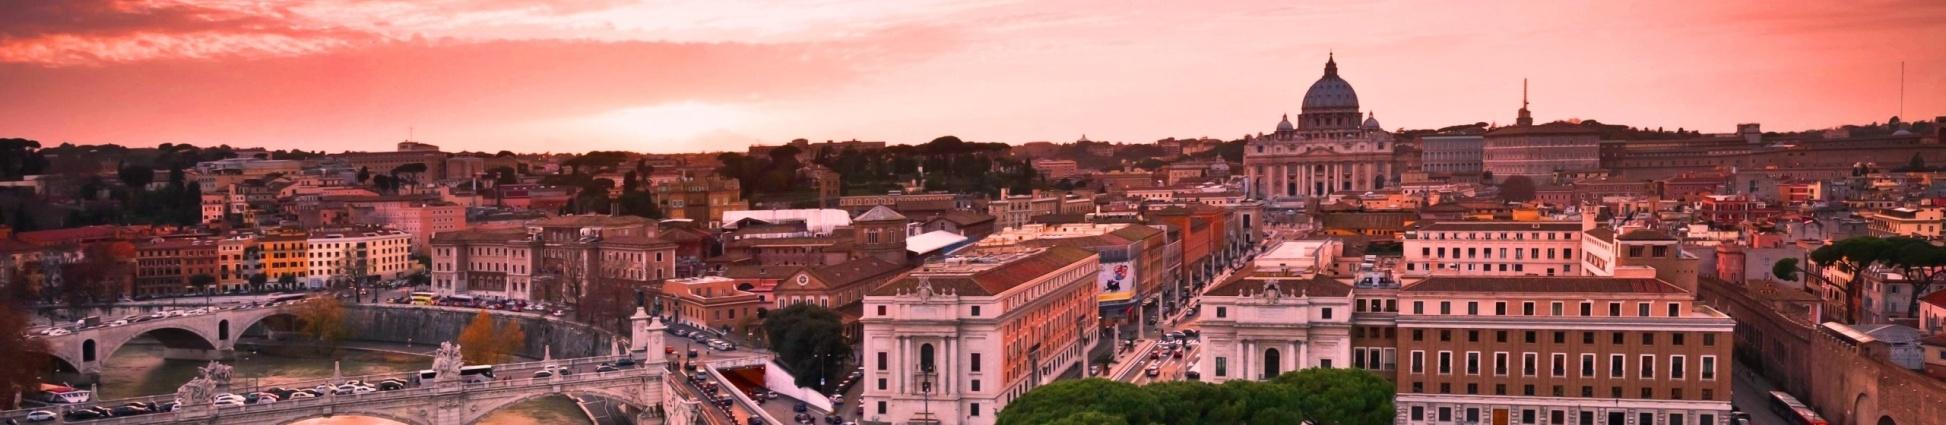 SICILIJA - RIM - NAPULJ NOVA GODINA 2021